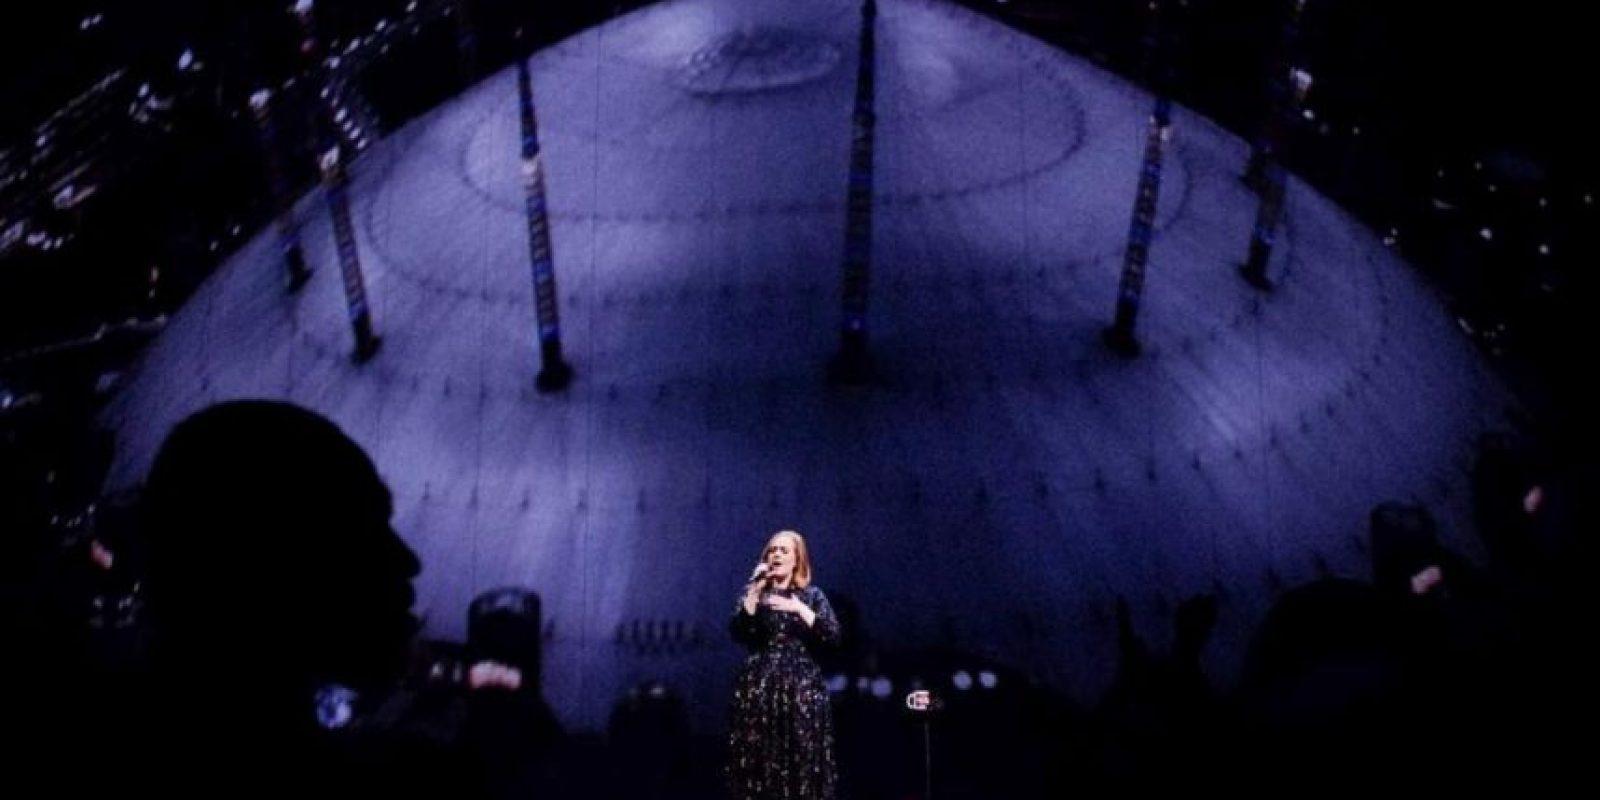 Con 21 semanas,no consecutivas, en el número 1 de las listas de Estados Unidos, Adele rompió el record de permanencia en la cima de Billboard, Foto:Vía instagram.com/adele/